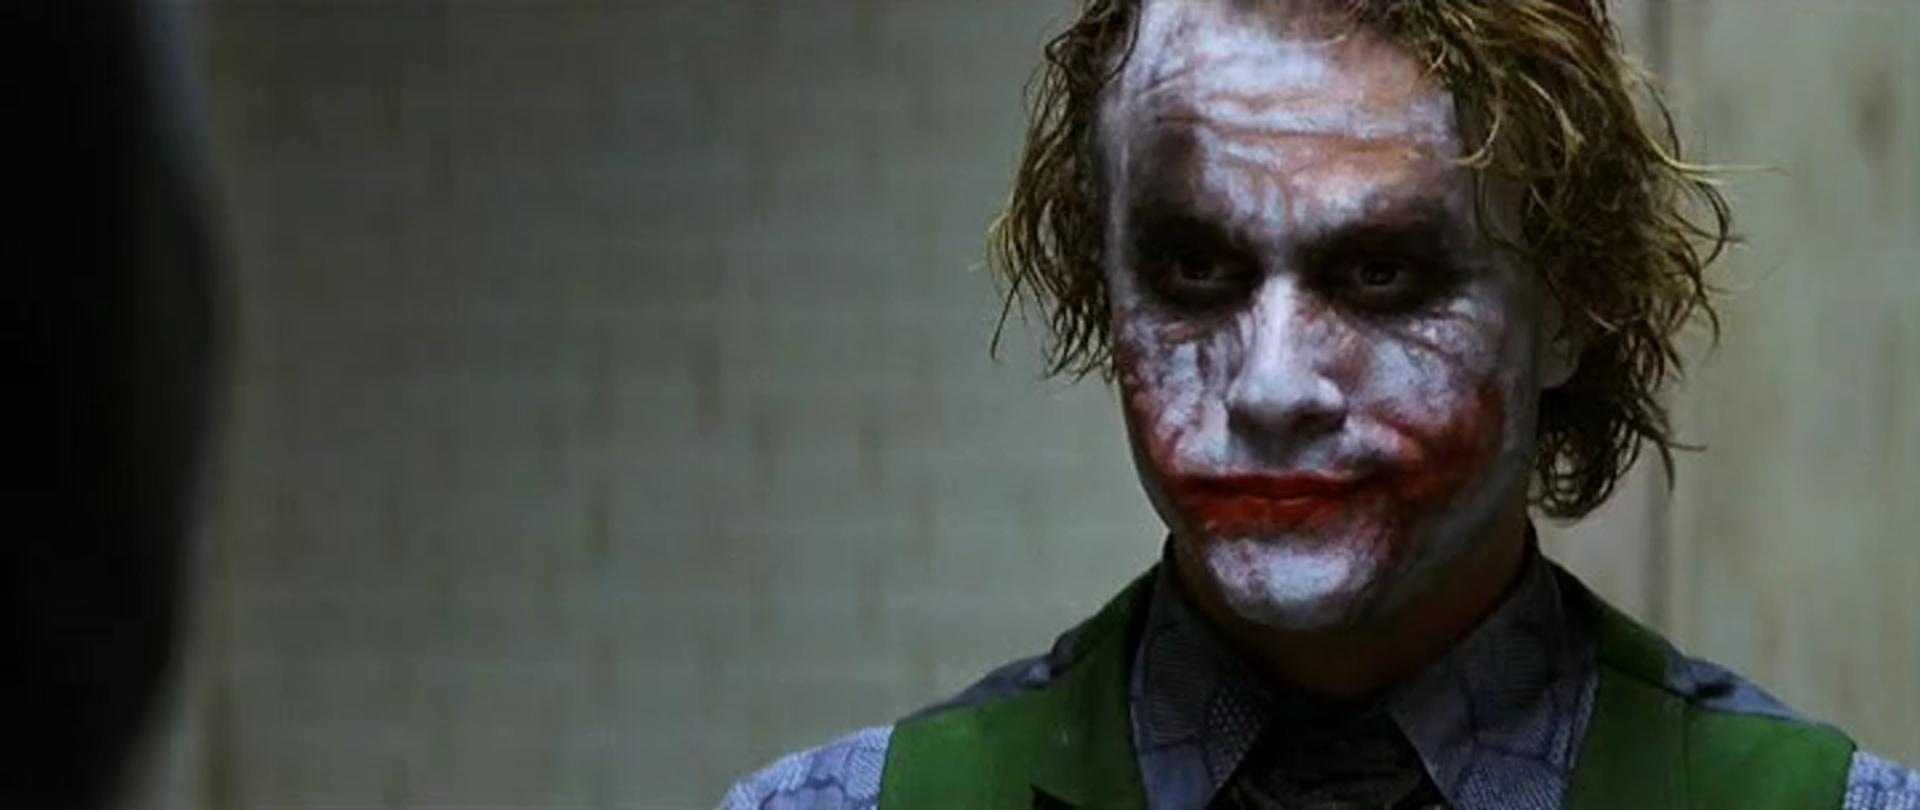 love-forever-joker-heath-ledger-the-joker-33276652-1920-1080.jpg